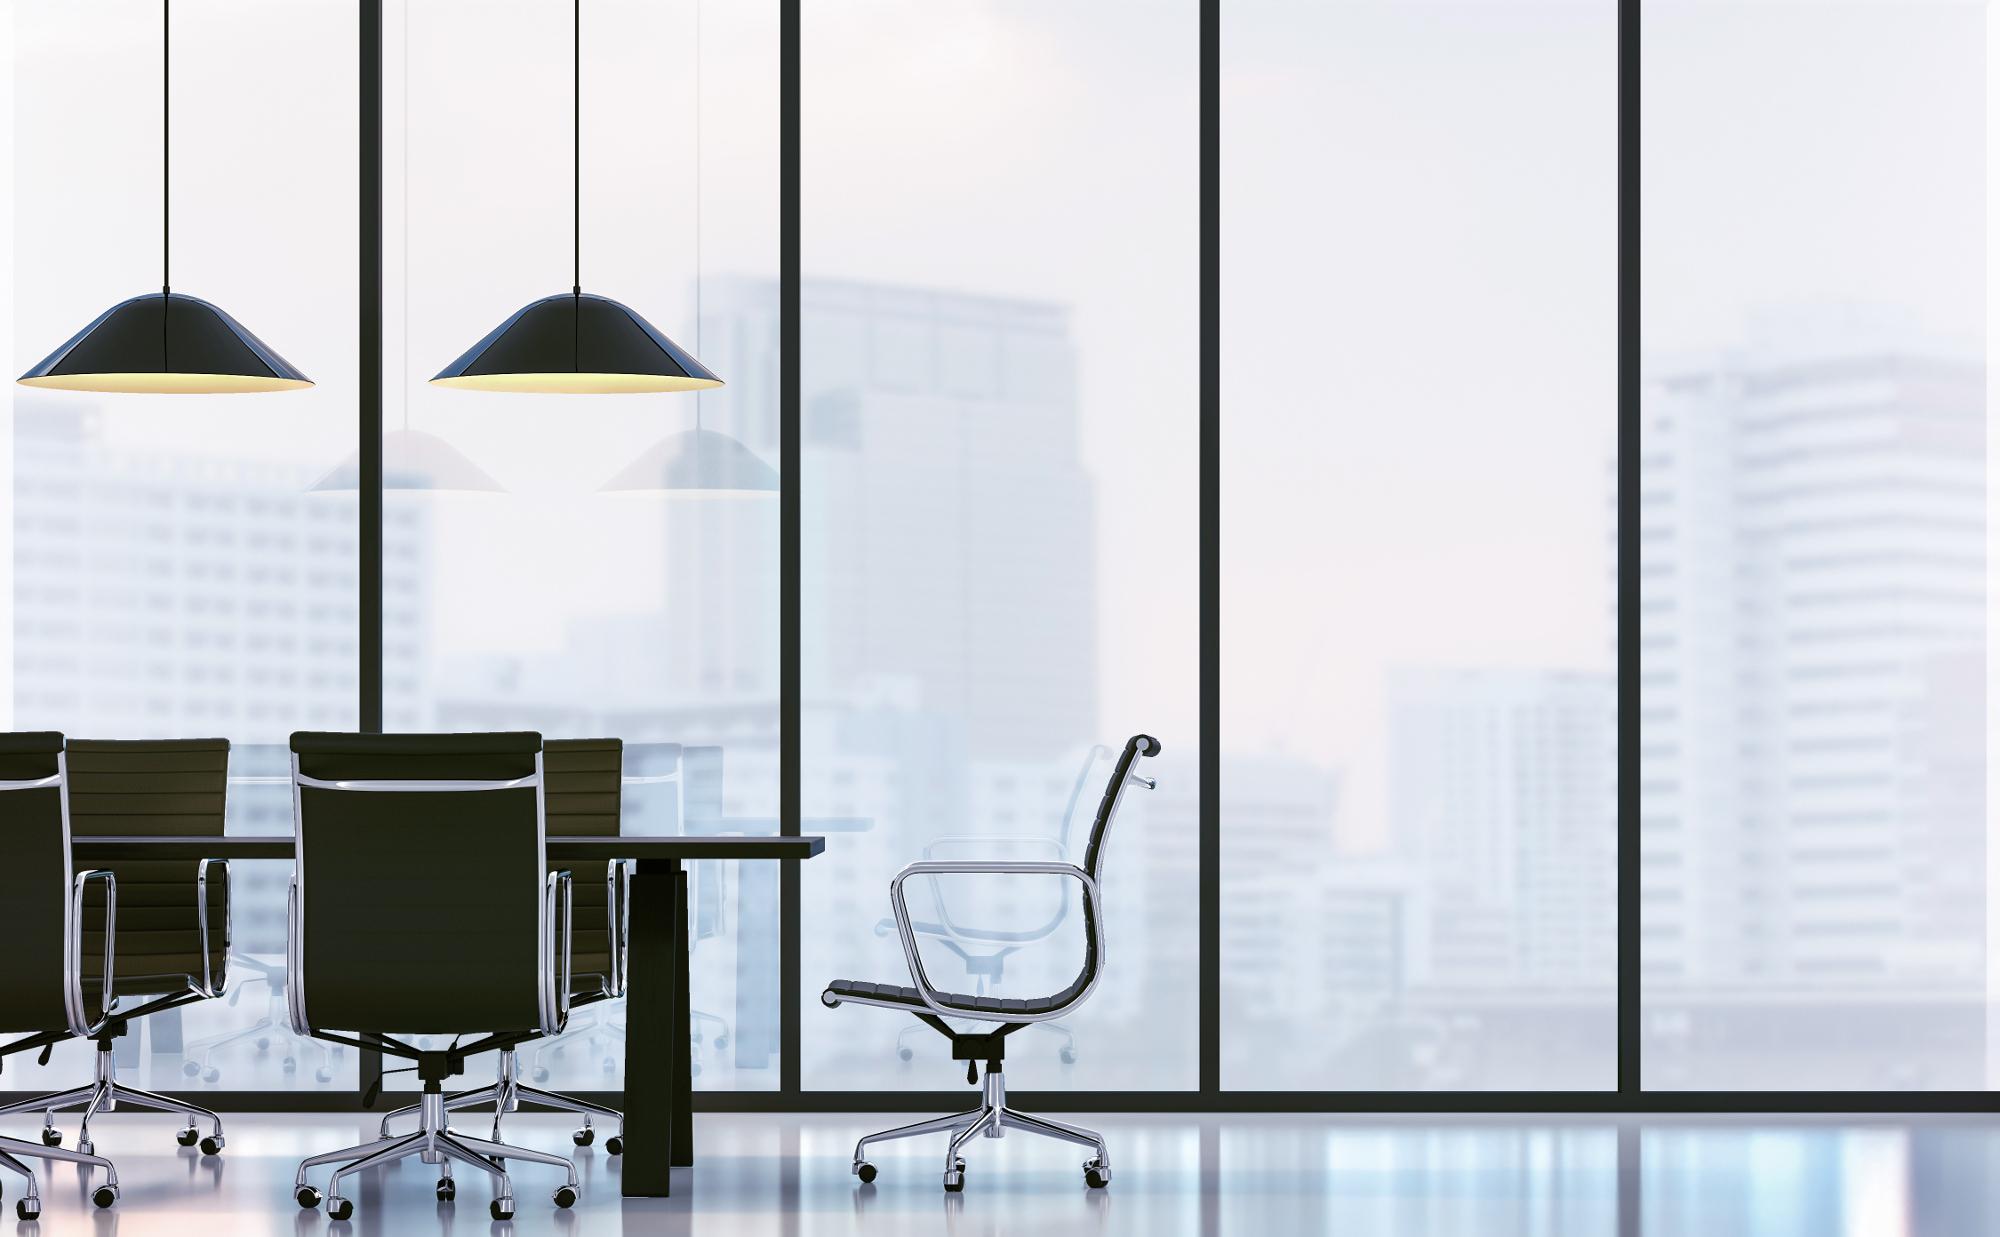 Konferenzraum mit Bürostühlen